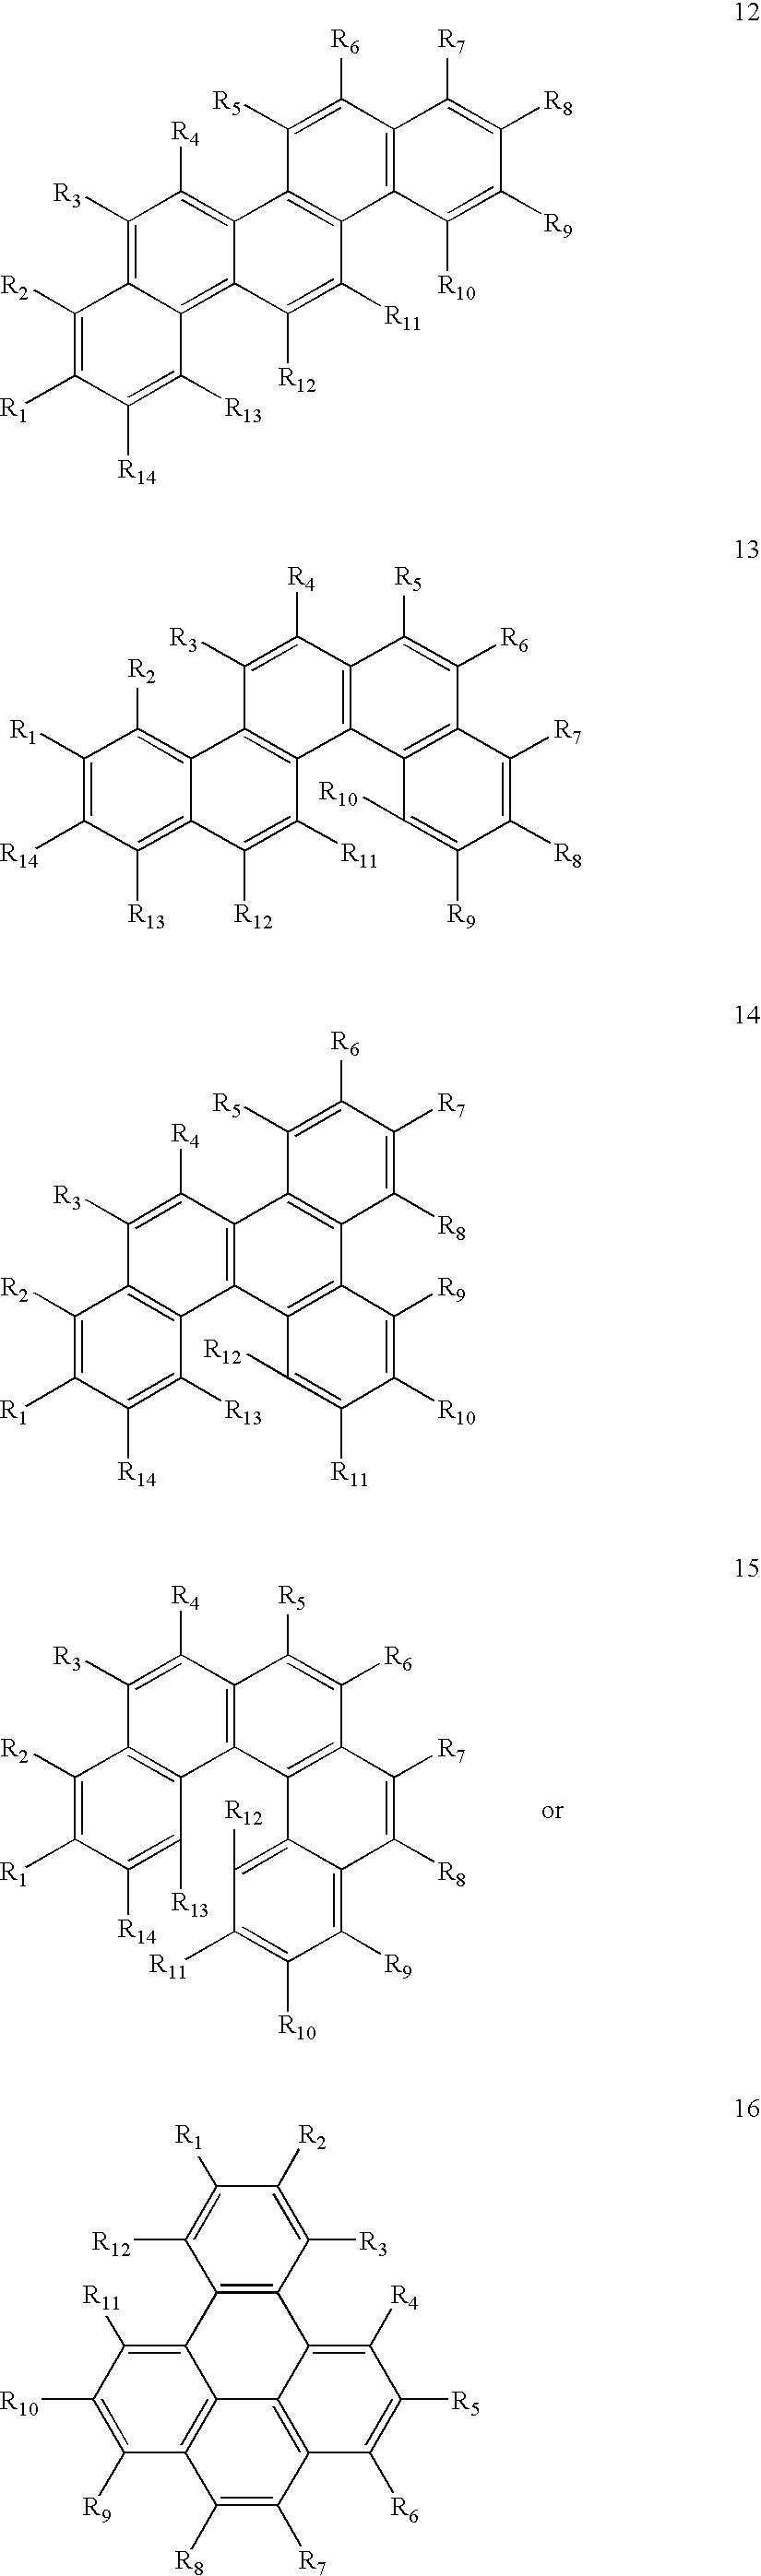 Figure US20050233465A1-20051020-C00003